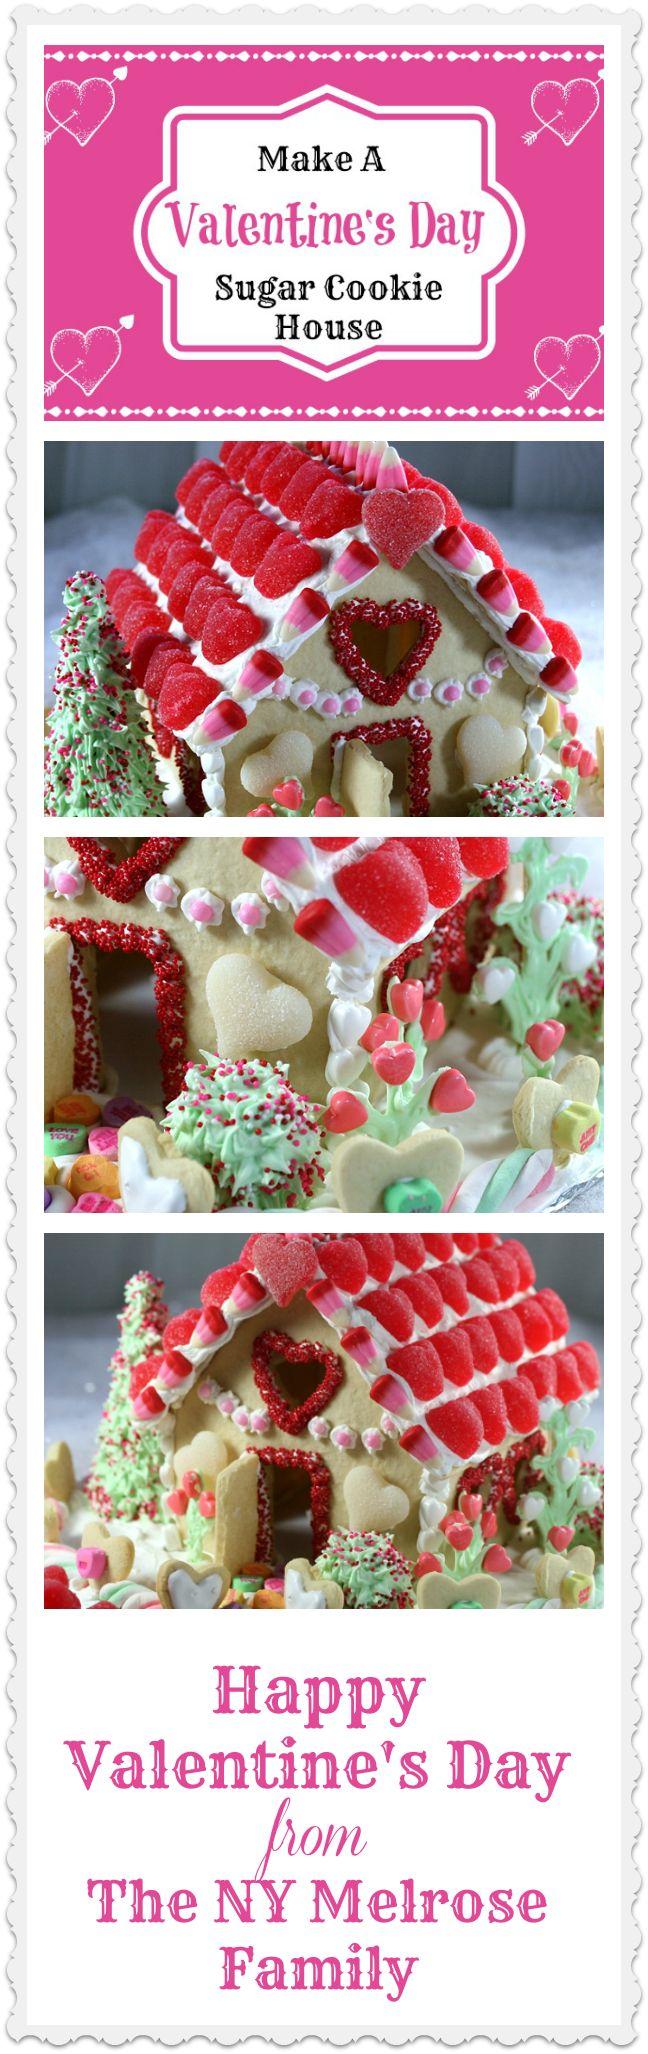 Valentine Dessert Sugar Cookie House Tutorial